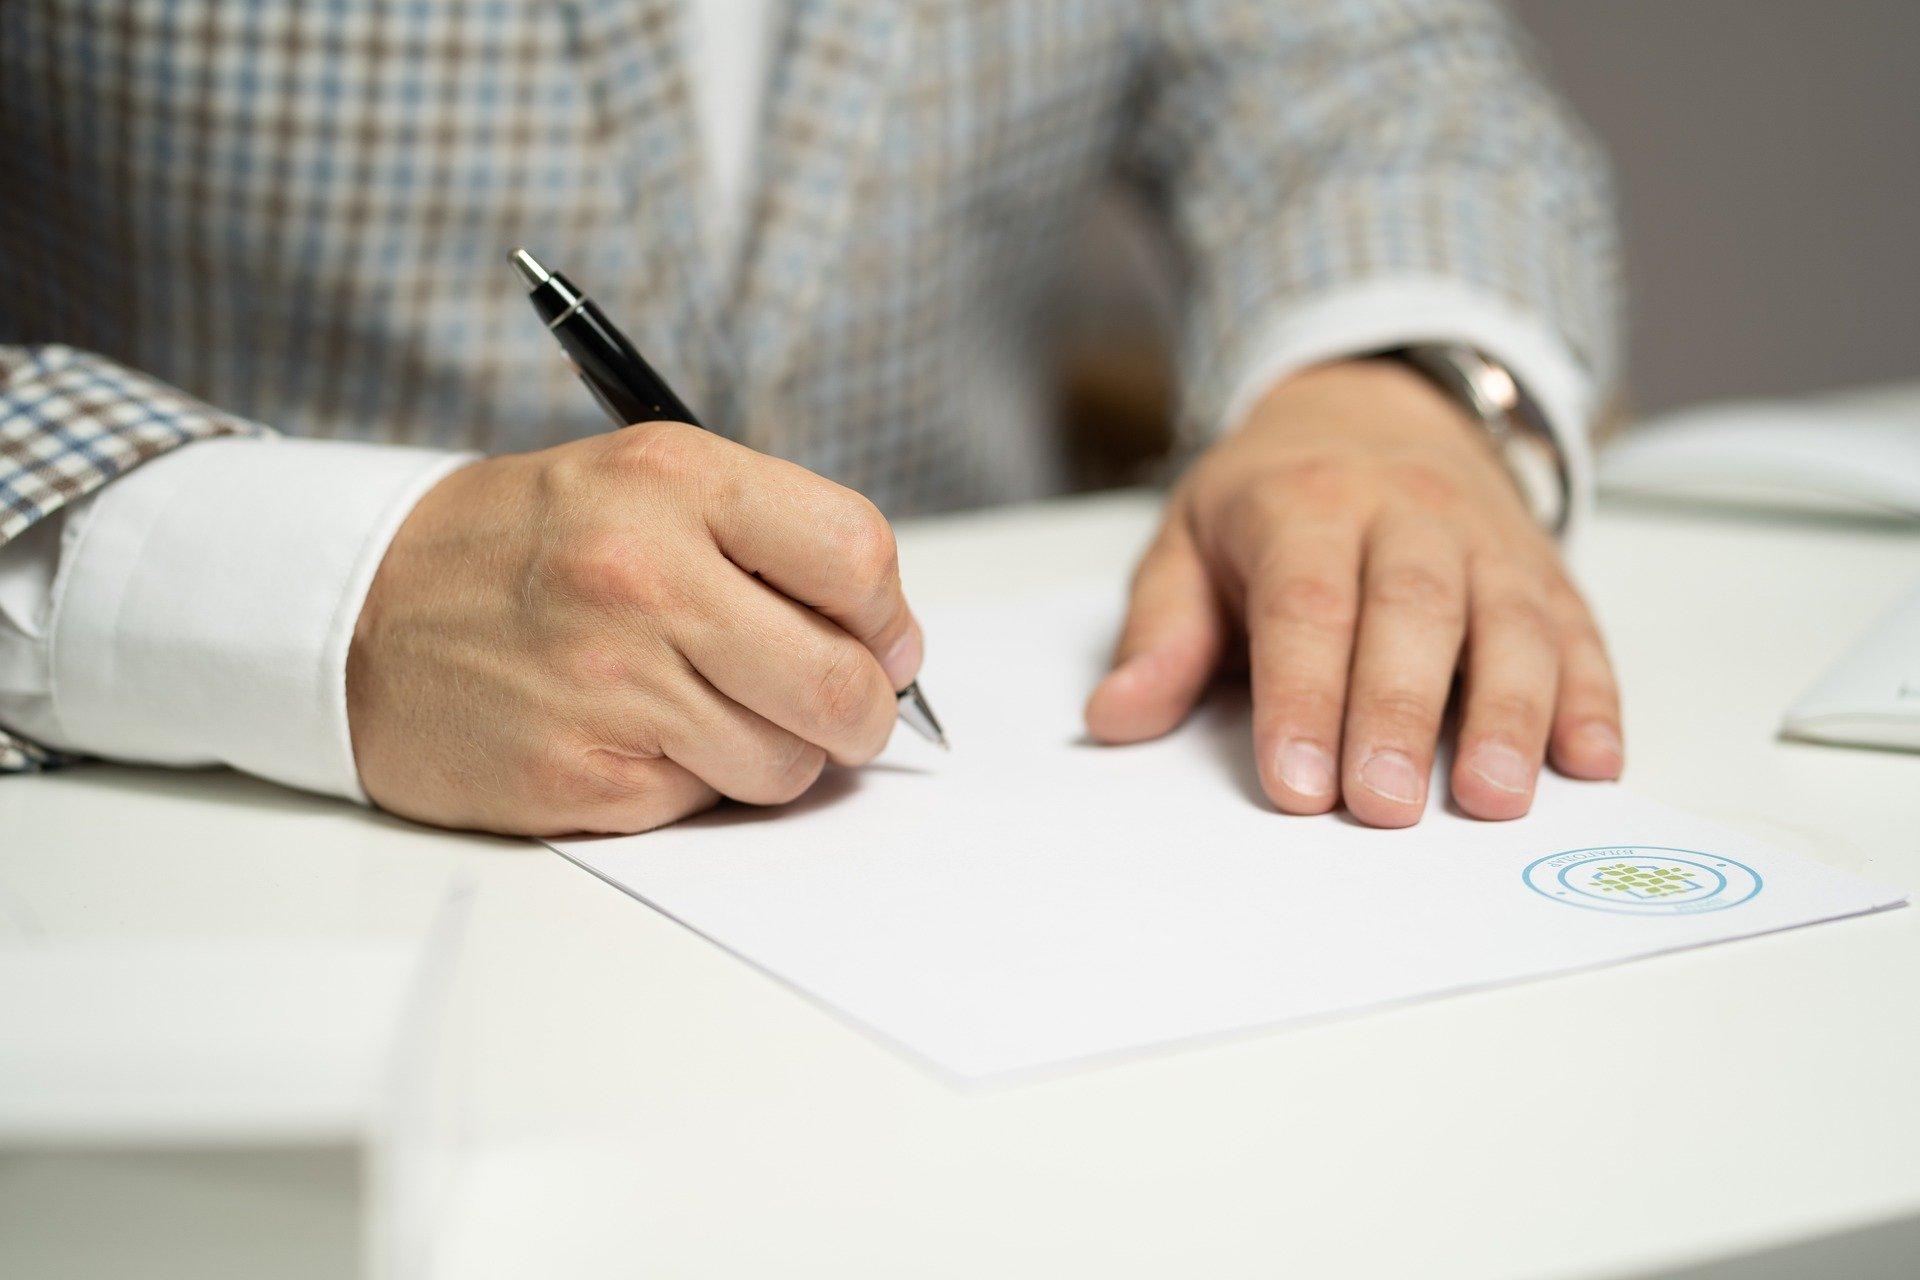 Análisis de firmas y rúbricas